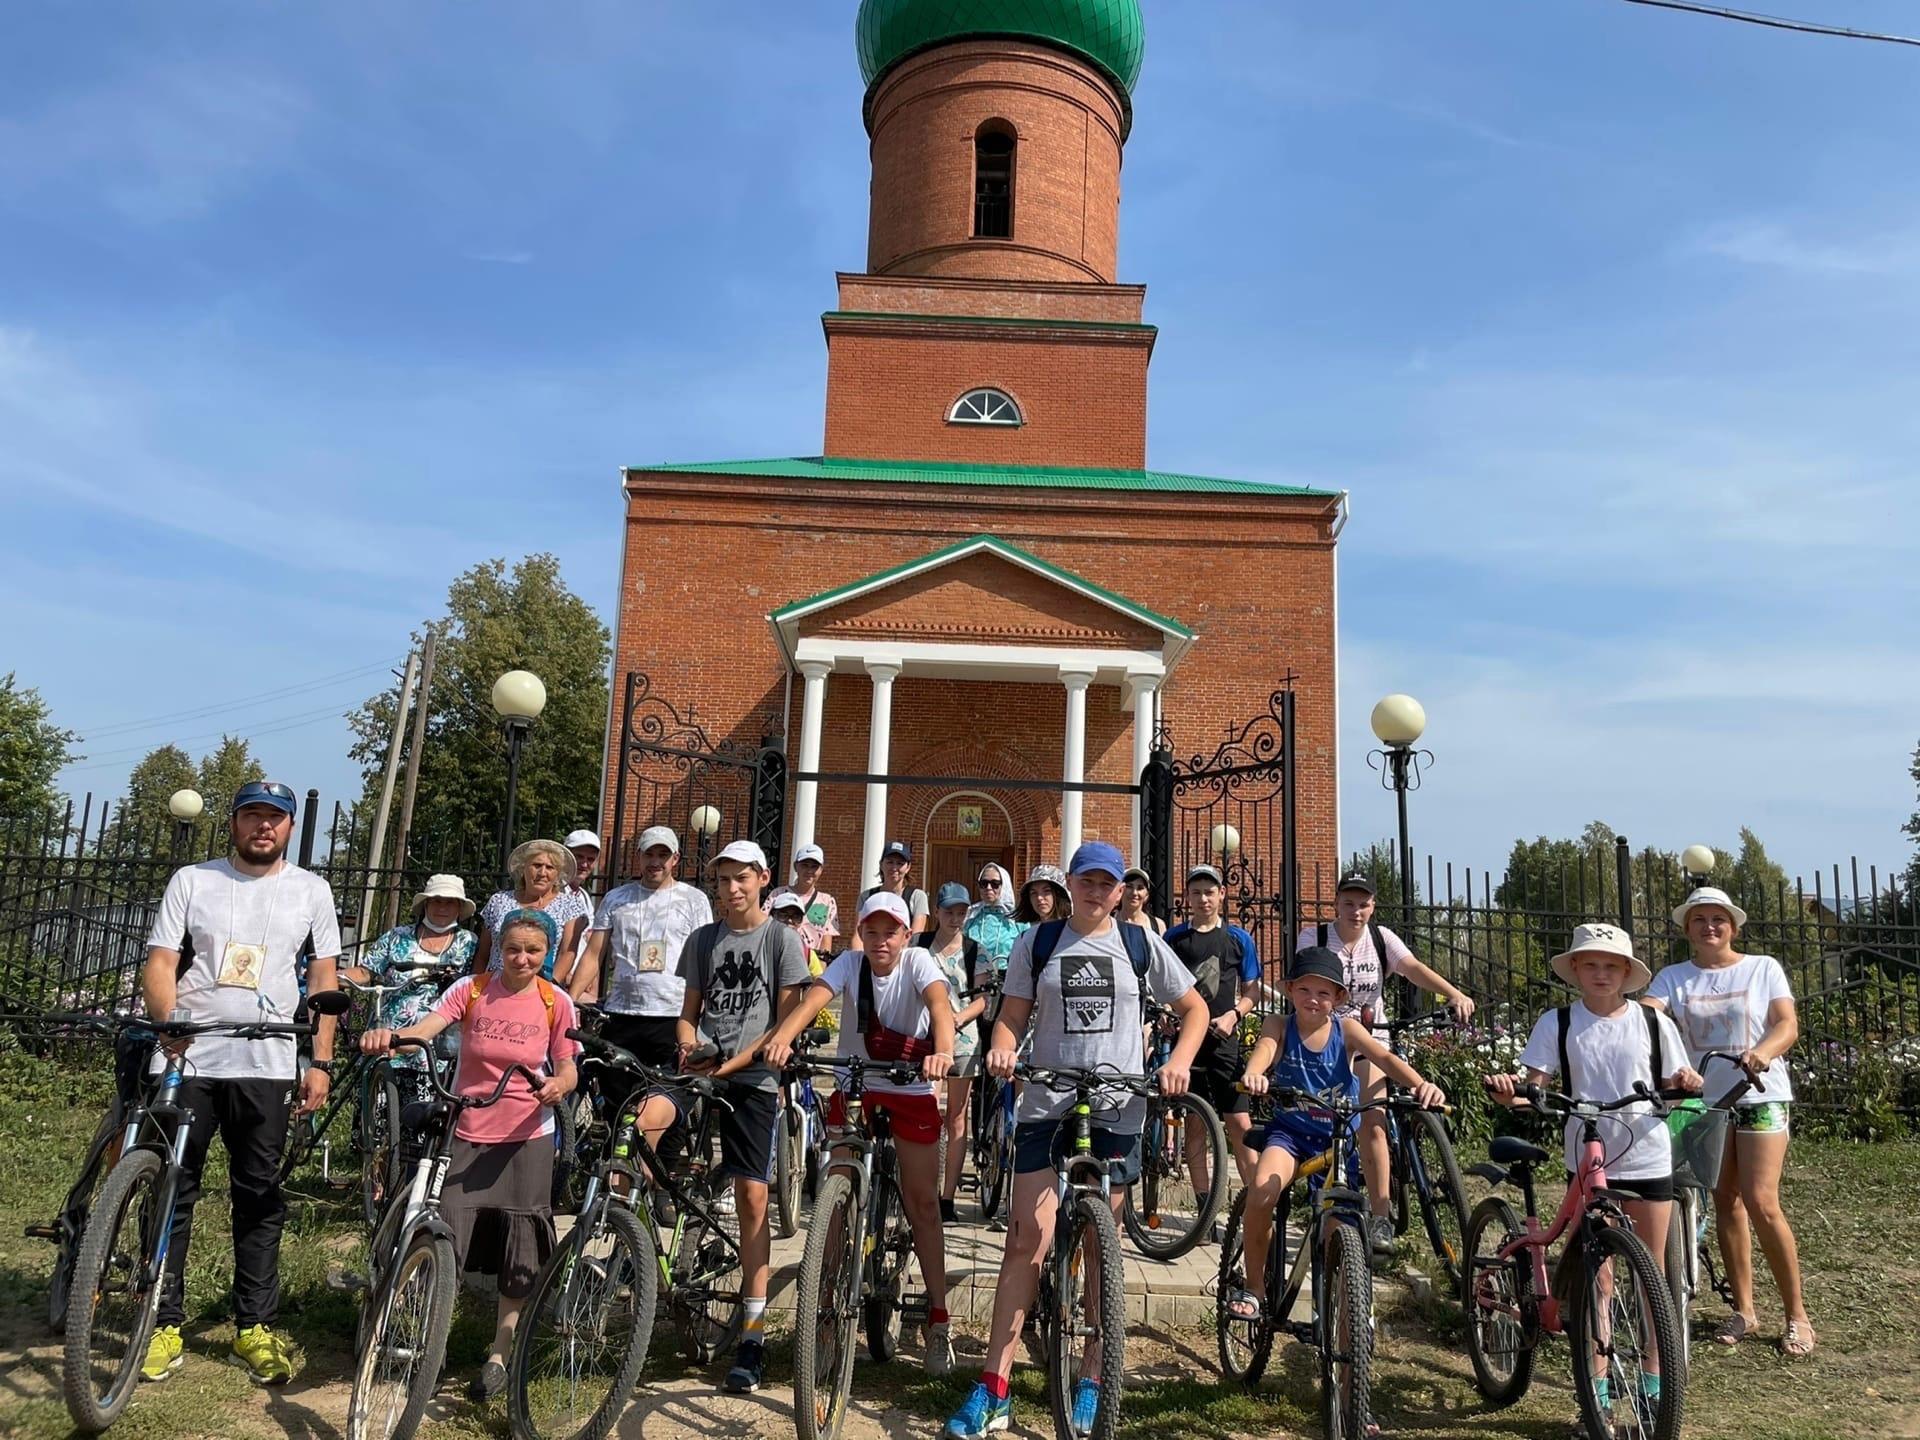 Крестный ход на велосипедах прошел в Можгинском